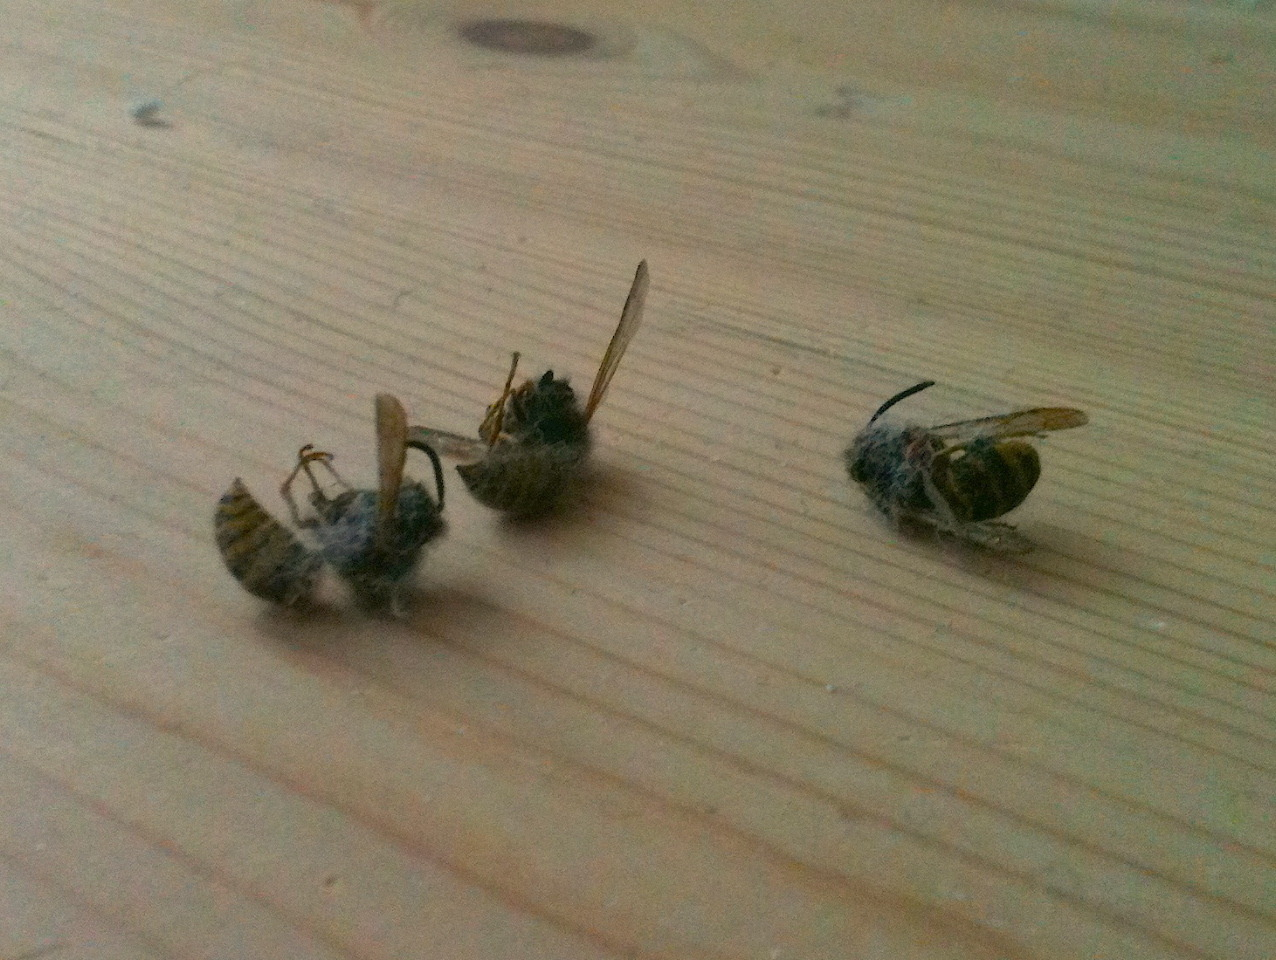 Yeah, I've NOTICED an infestation  Posted from: Copenhagen, Denmark Ikke ulig The Giant Bug in a brand new Edgar suit ravede jeg i nat, kvart i fem, rundt som en zombie uden styr på sovende lemmerog uden overblik over situationen.    Jeg drømte at jeg blev angrebet af hvepse…vågnede…kunne stadig hørehvepse; tænkte at jeg stadig måtte drømme; lagde mig ned igen;   ku' høre noget summe lige ved mit øre og var med ét lysvågen.      Ikke en men tre arrige hvepse tonsede rundt på den ret begrænsede plads mellem min hems og loftet i lejligheden.   Hvepse? Tre styk? I slutningen af oktober?!? What. The. Fuck.    Jeg måtte krybe over til den anden ende af hemsen hvor mine bøger står, hive den første og bedste fremog begynde jagten. Et kvarter senere ku' jeg trække dynen med ned på sofaen i stuen og efterlade 3 lig etpar meter over mig.      Death by Critical Linguistic Introduction (Second Edition)